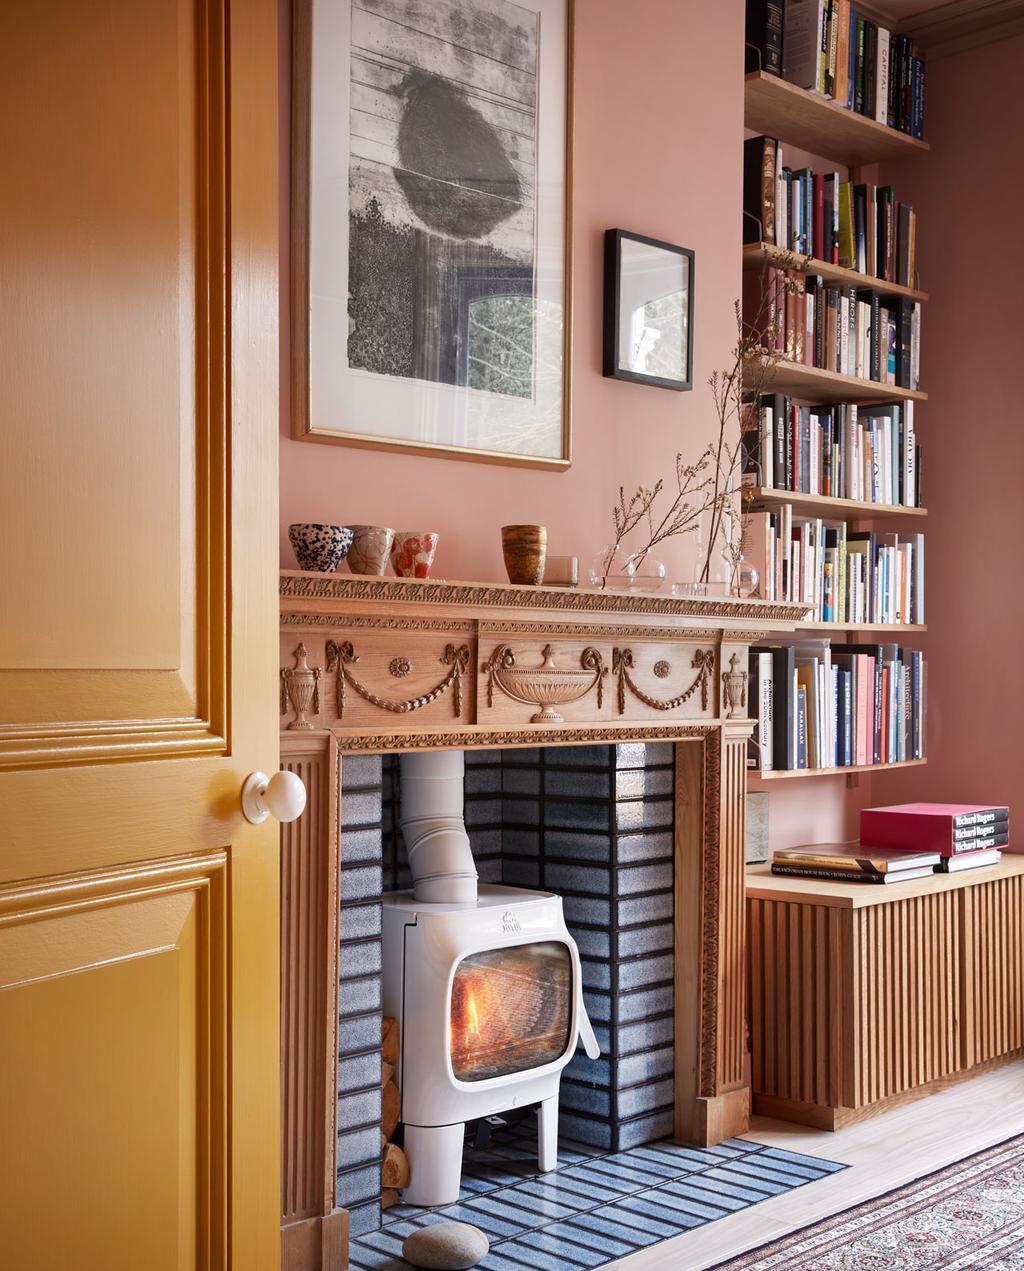 vtwonen 05-2020 | styling colourboost zitkamer met roze muren, antiek houten schouw en hoge boekenplankwand